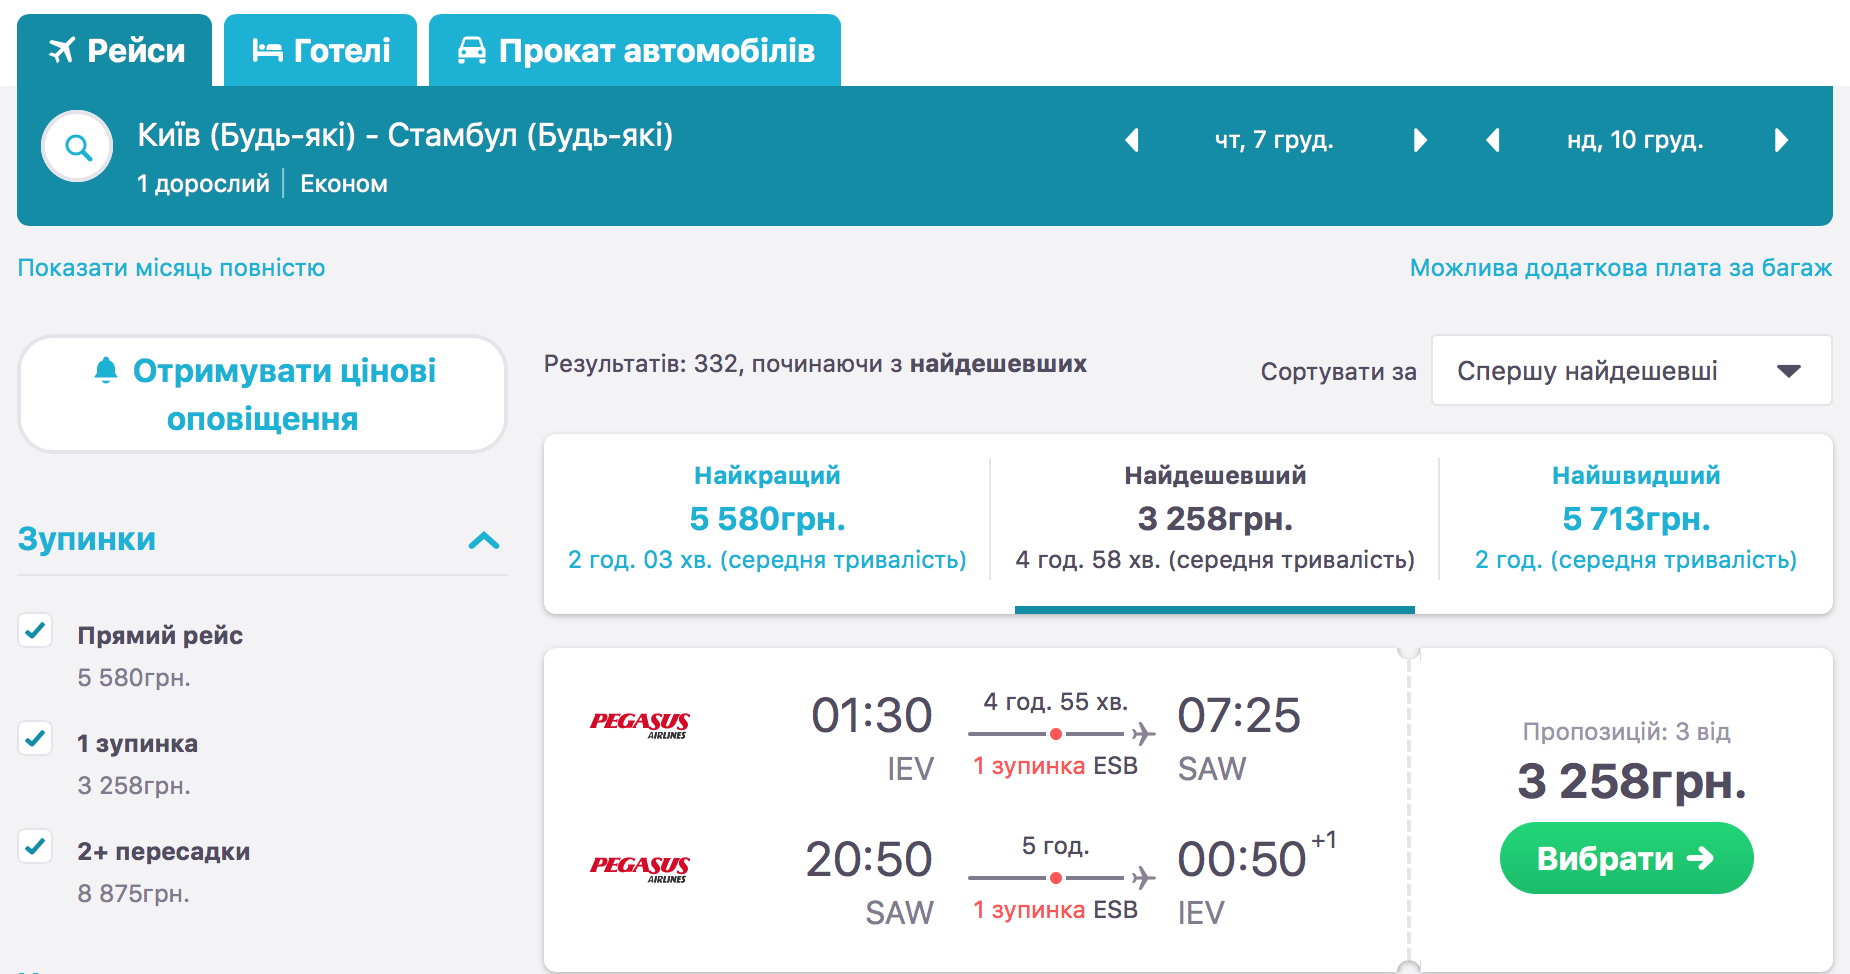 Где можно купить авиабилеты международных урраинских авиалиний авиабилеты до армении дешево